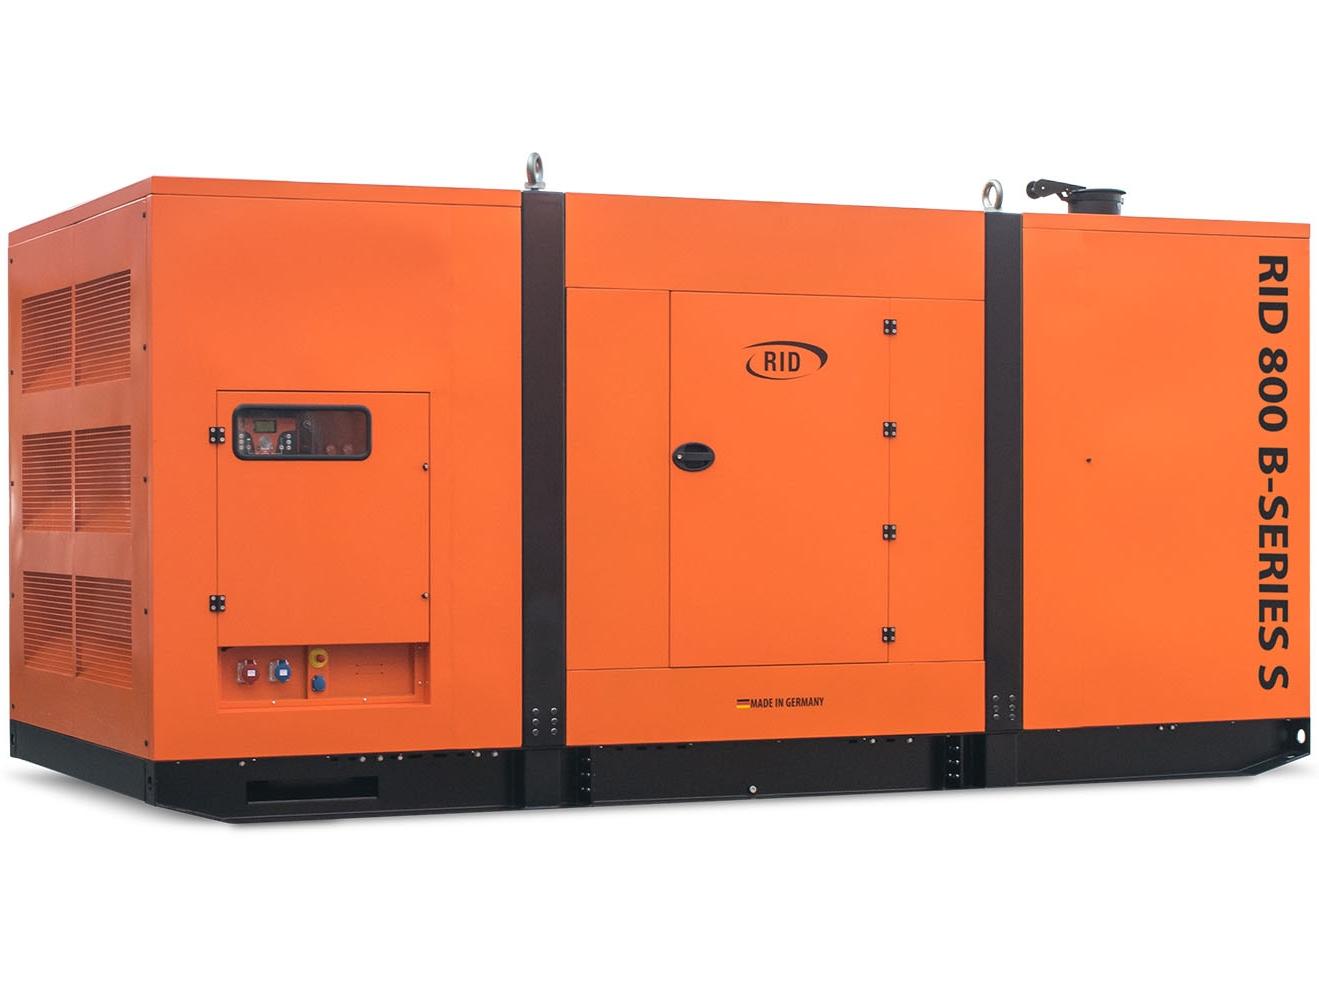 дизельная электростанция rid 800 b-series s